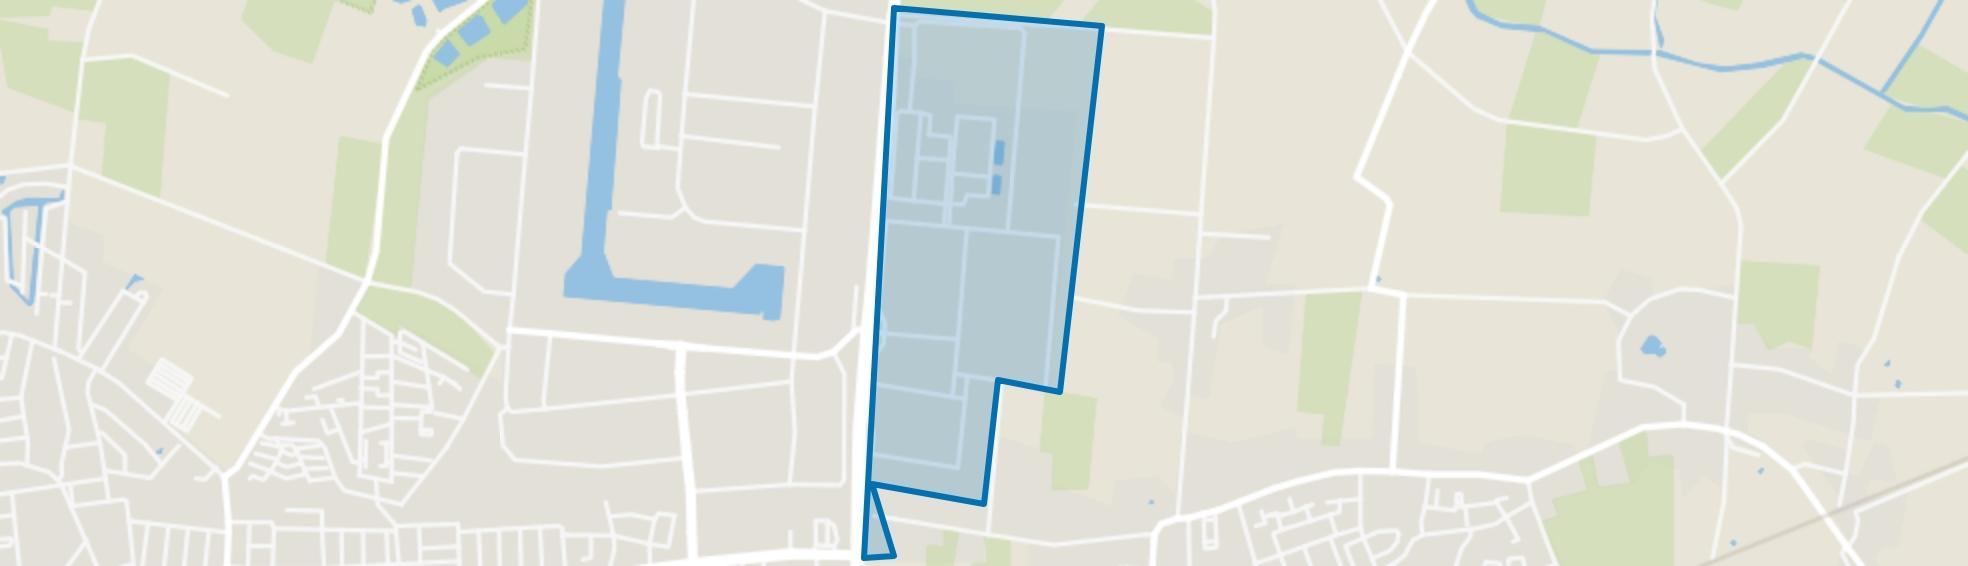 De Geer, Oss map